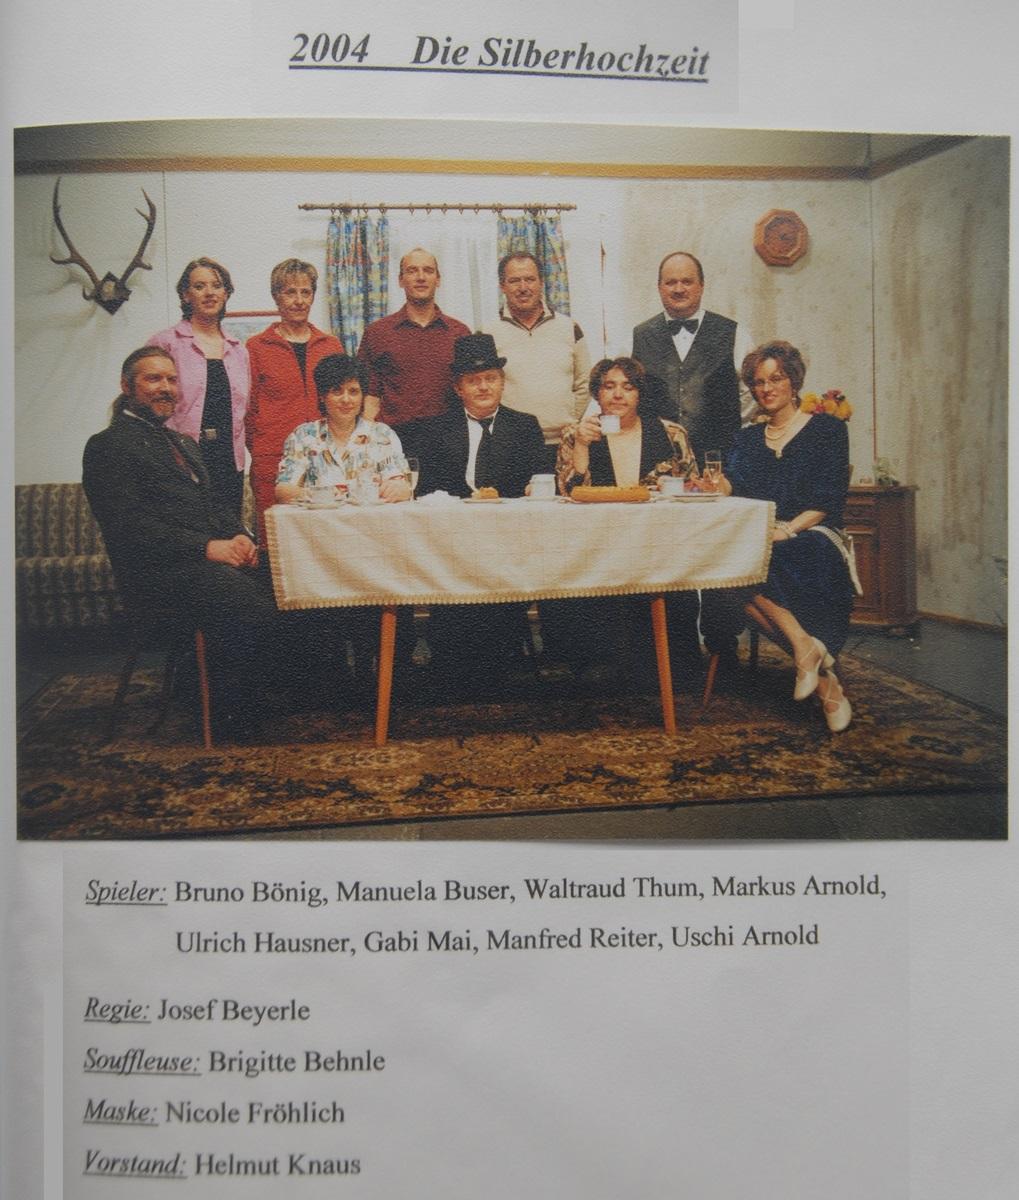 KSC-Theater-2004-Die-Silberhochzeit